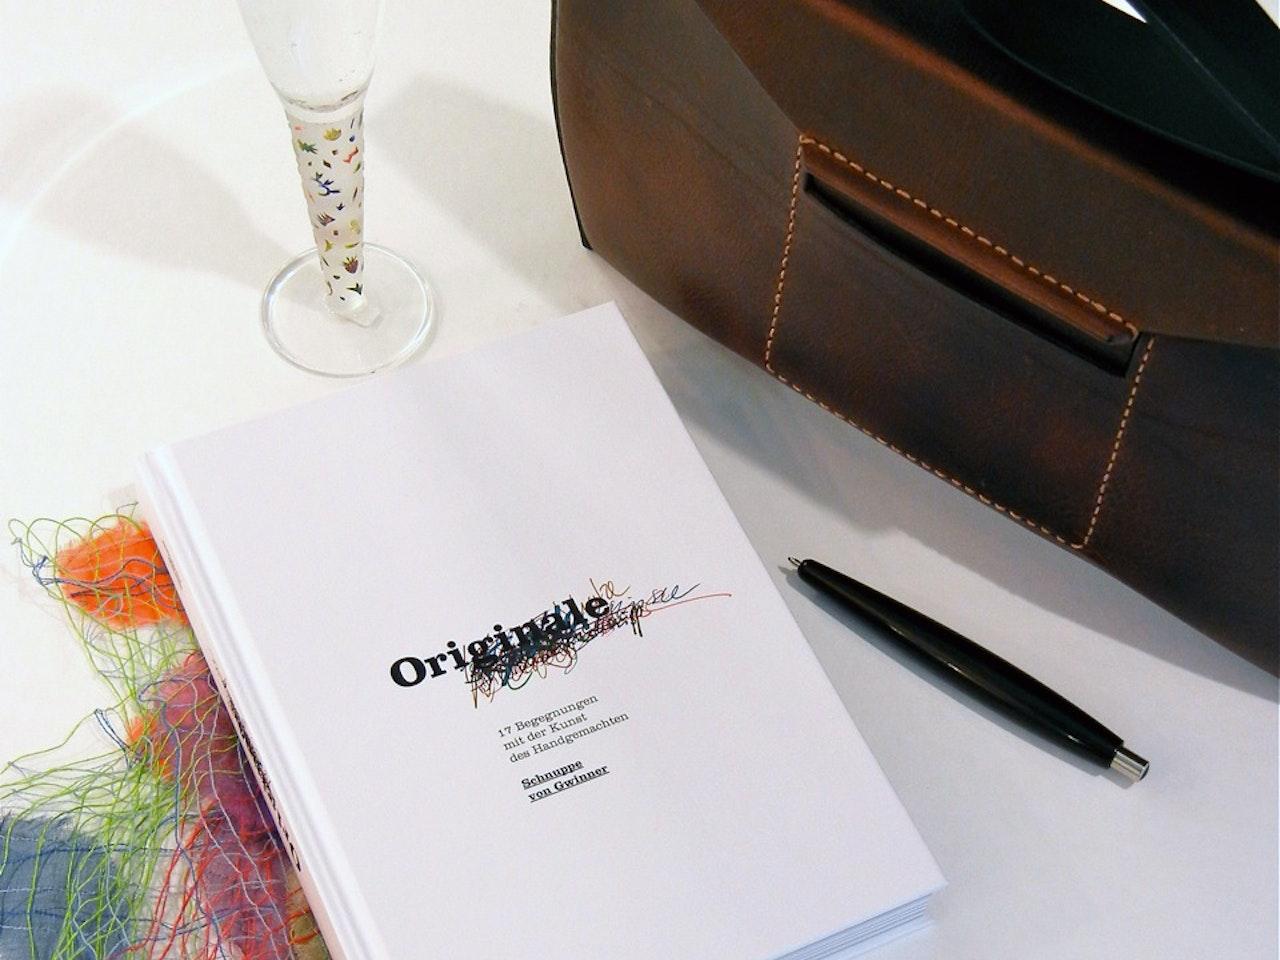 Originale - das Portraitbuch